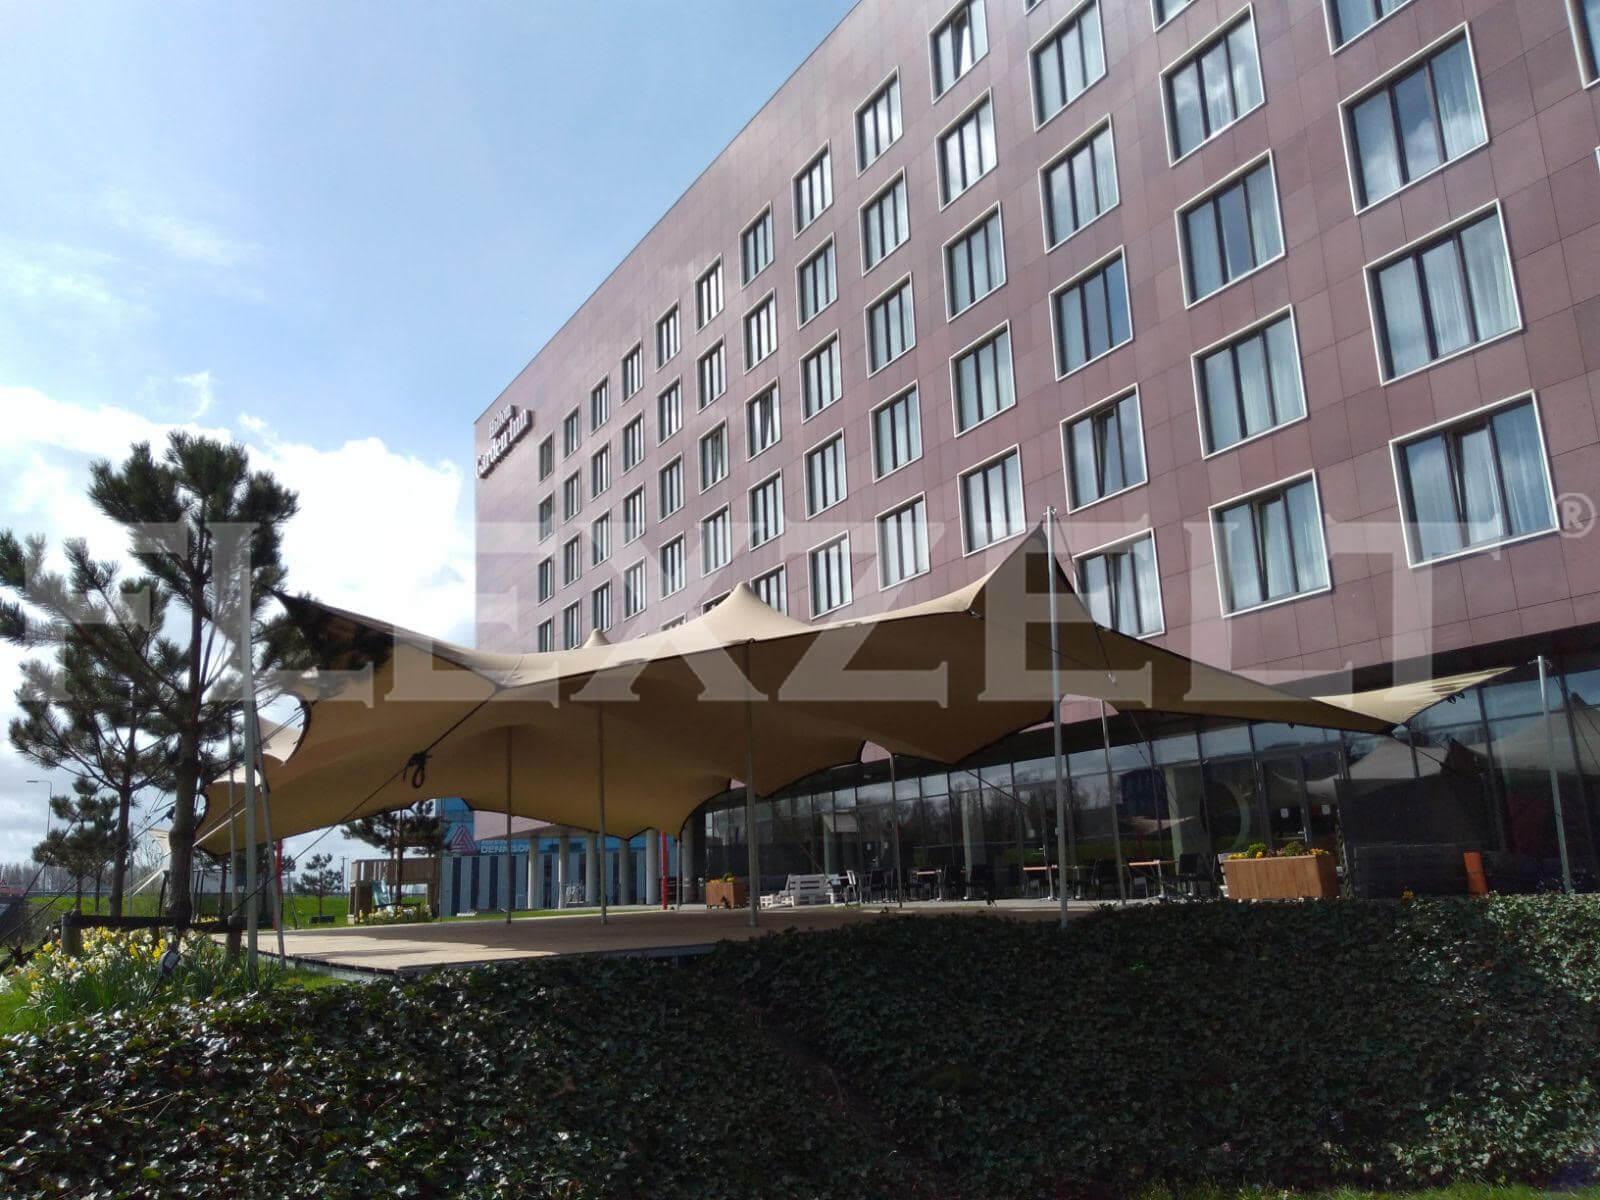 Flextent® - Flexzelt® - Stretchzelt - Stretchtent - Hotel